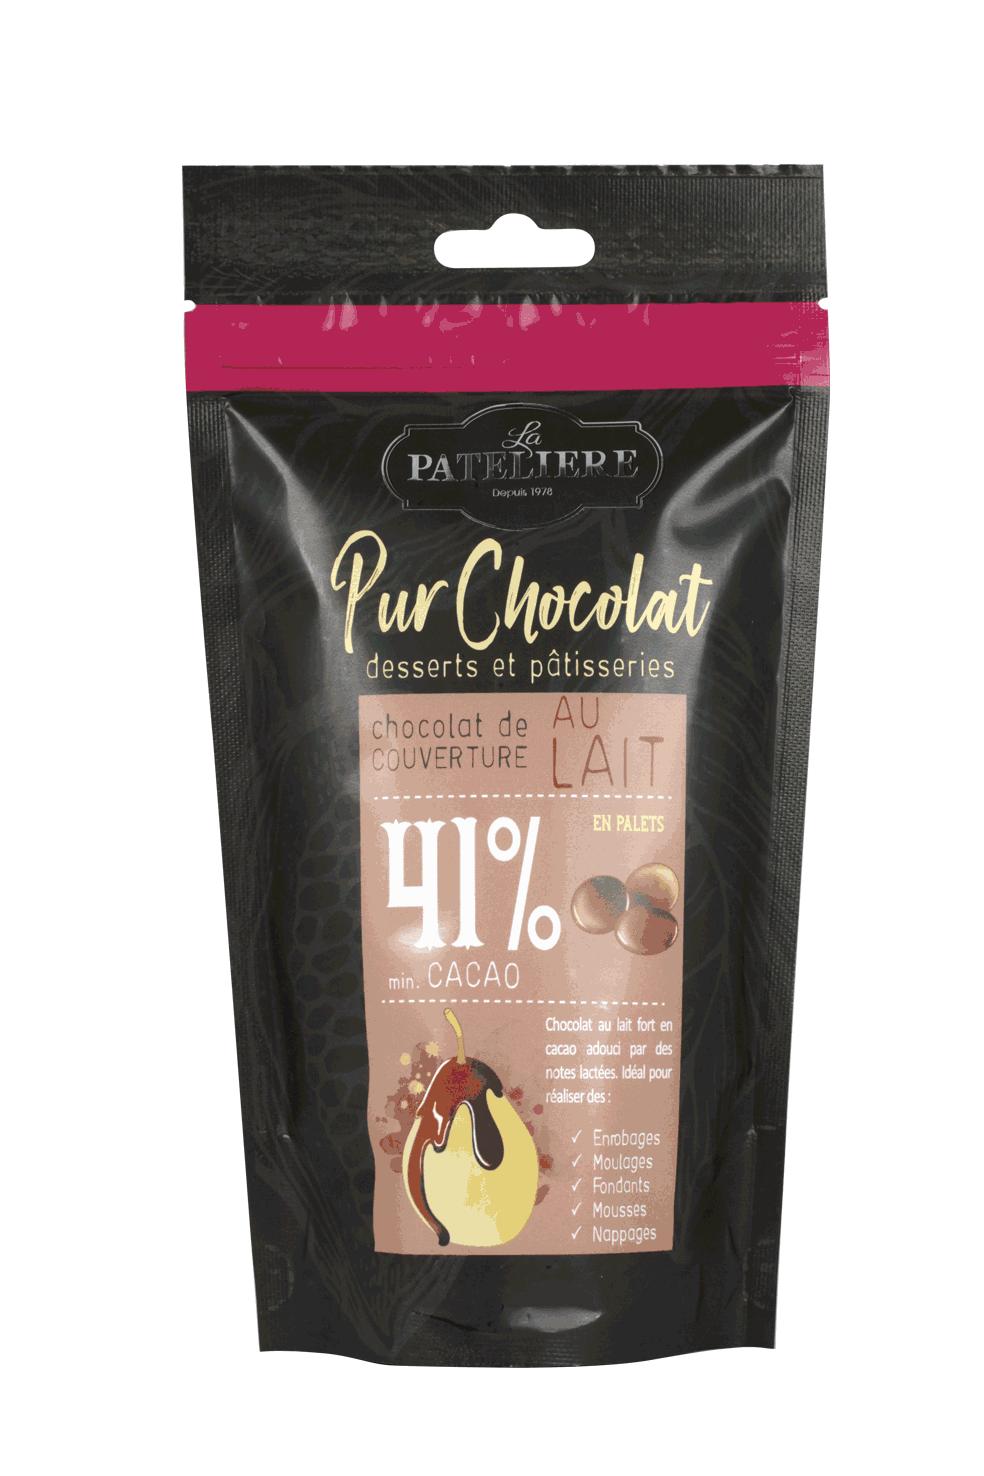 palets chocolat couverture à pâtisser lait 41% LA PATELIERE